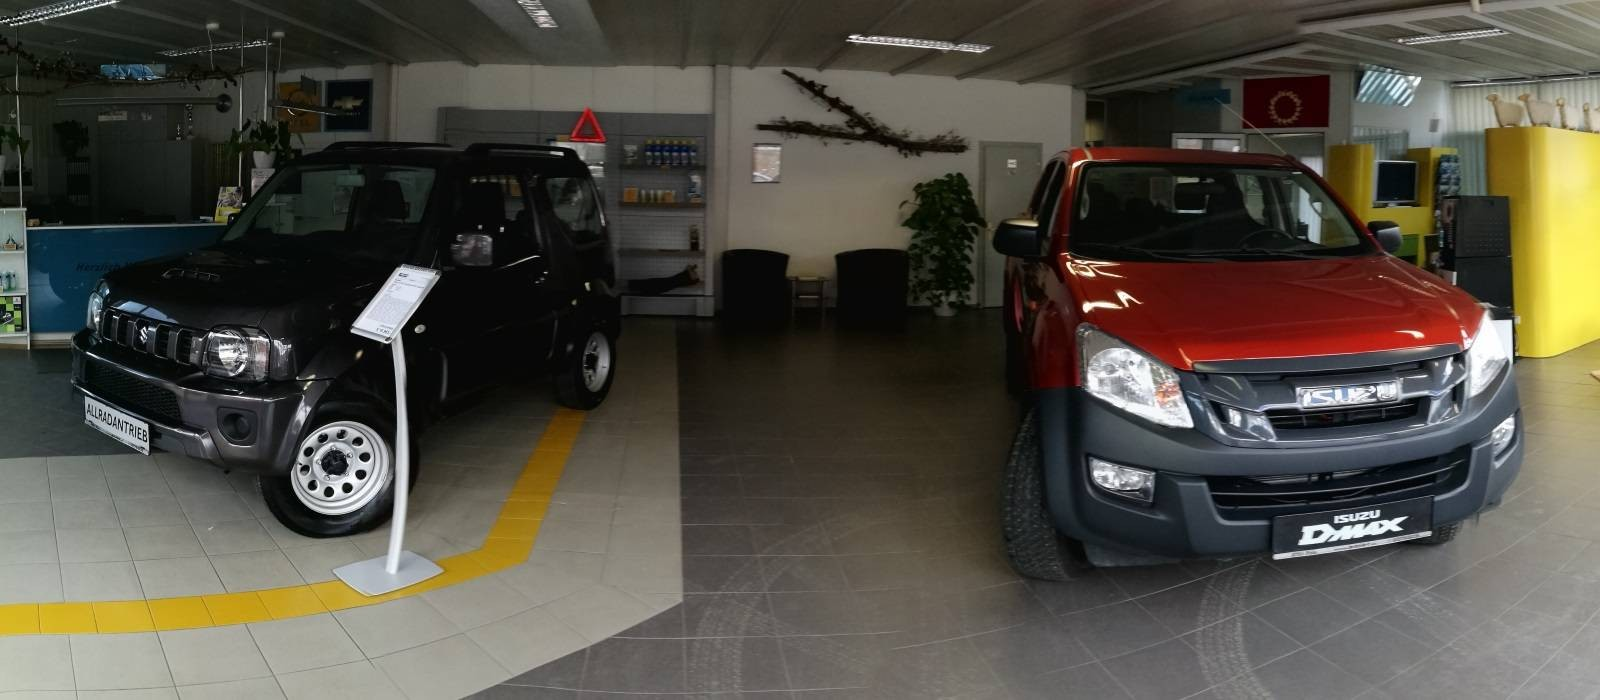 Fühlen Sie sich wohl bei uns bei Autohaus Poier GmbH & Co KG in